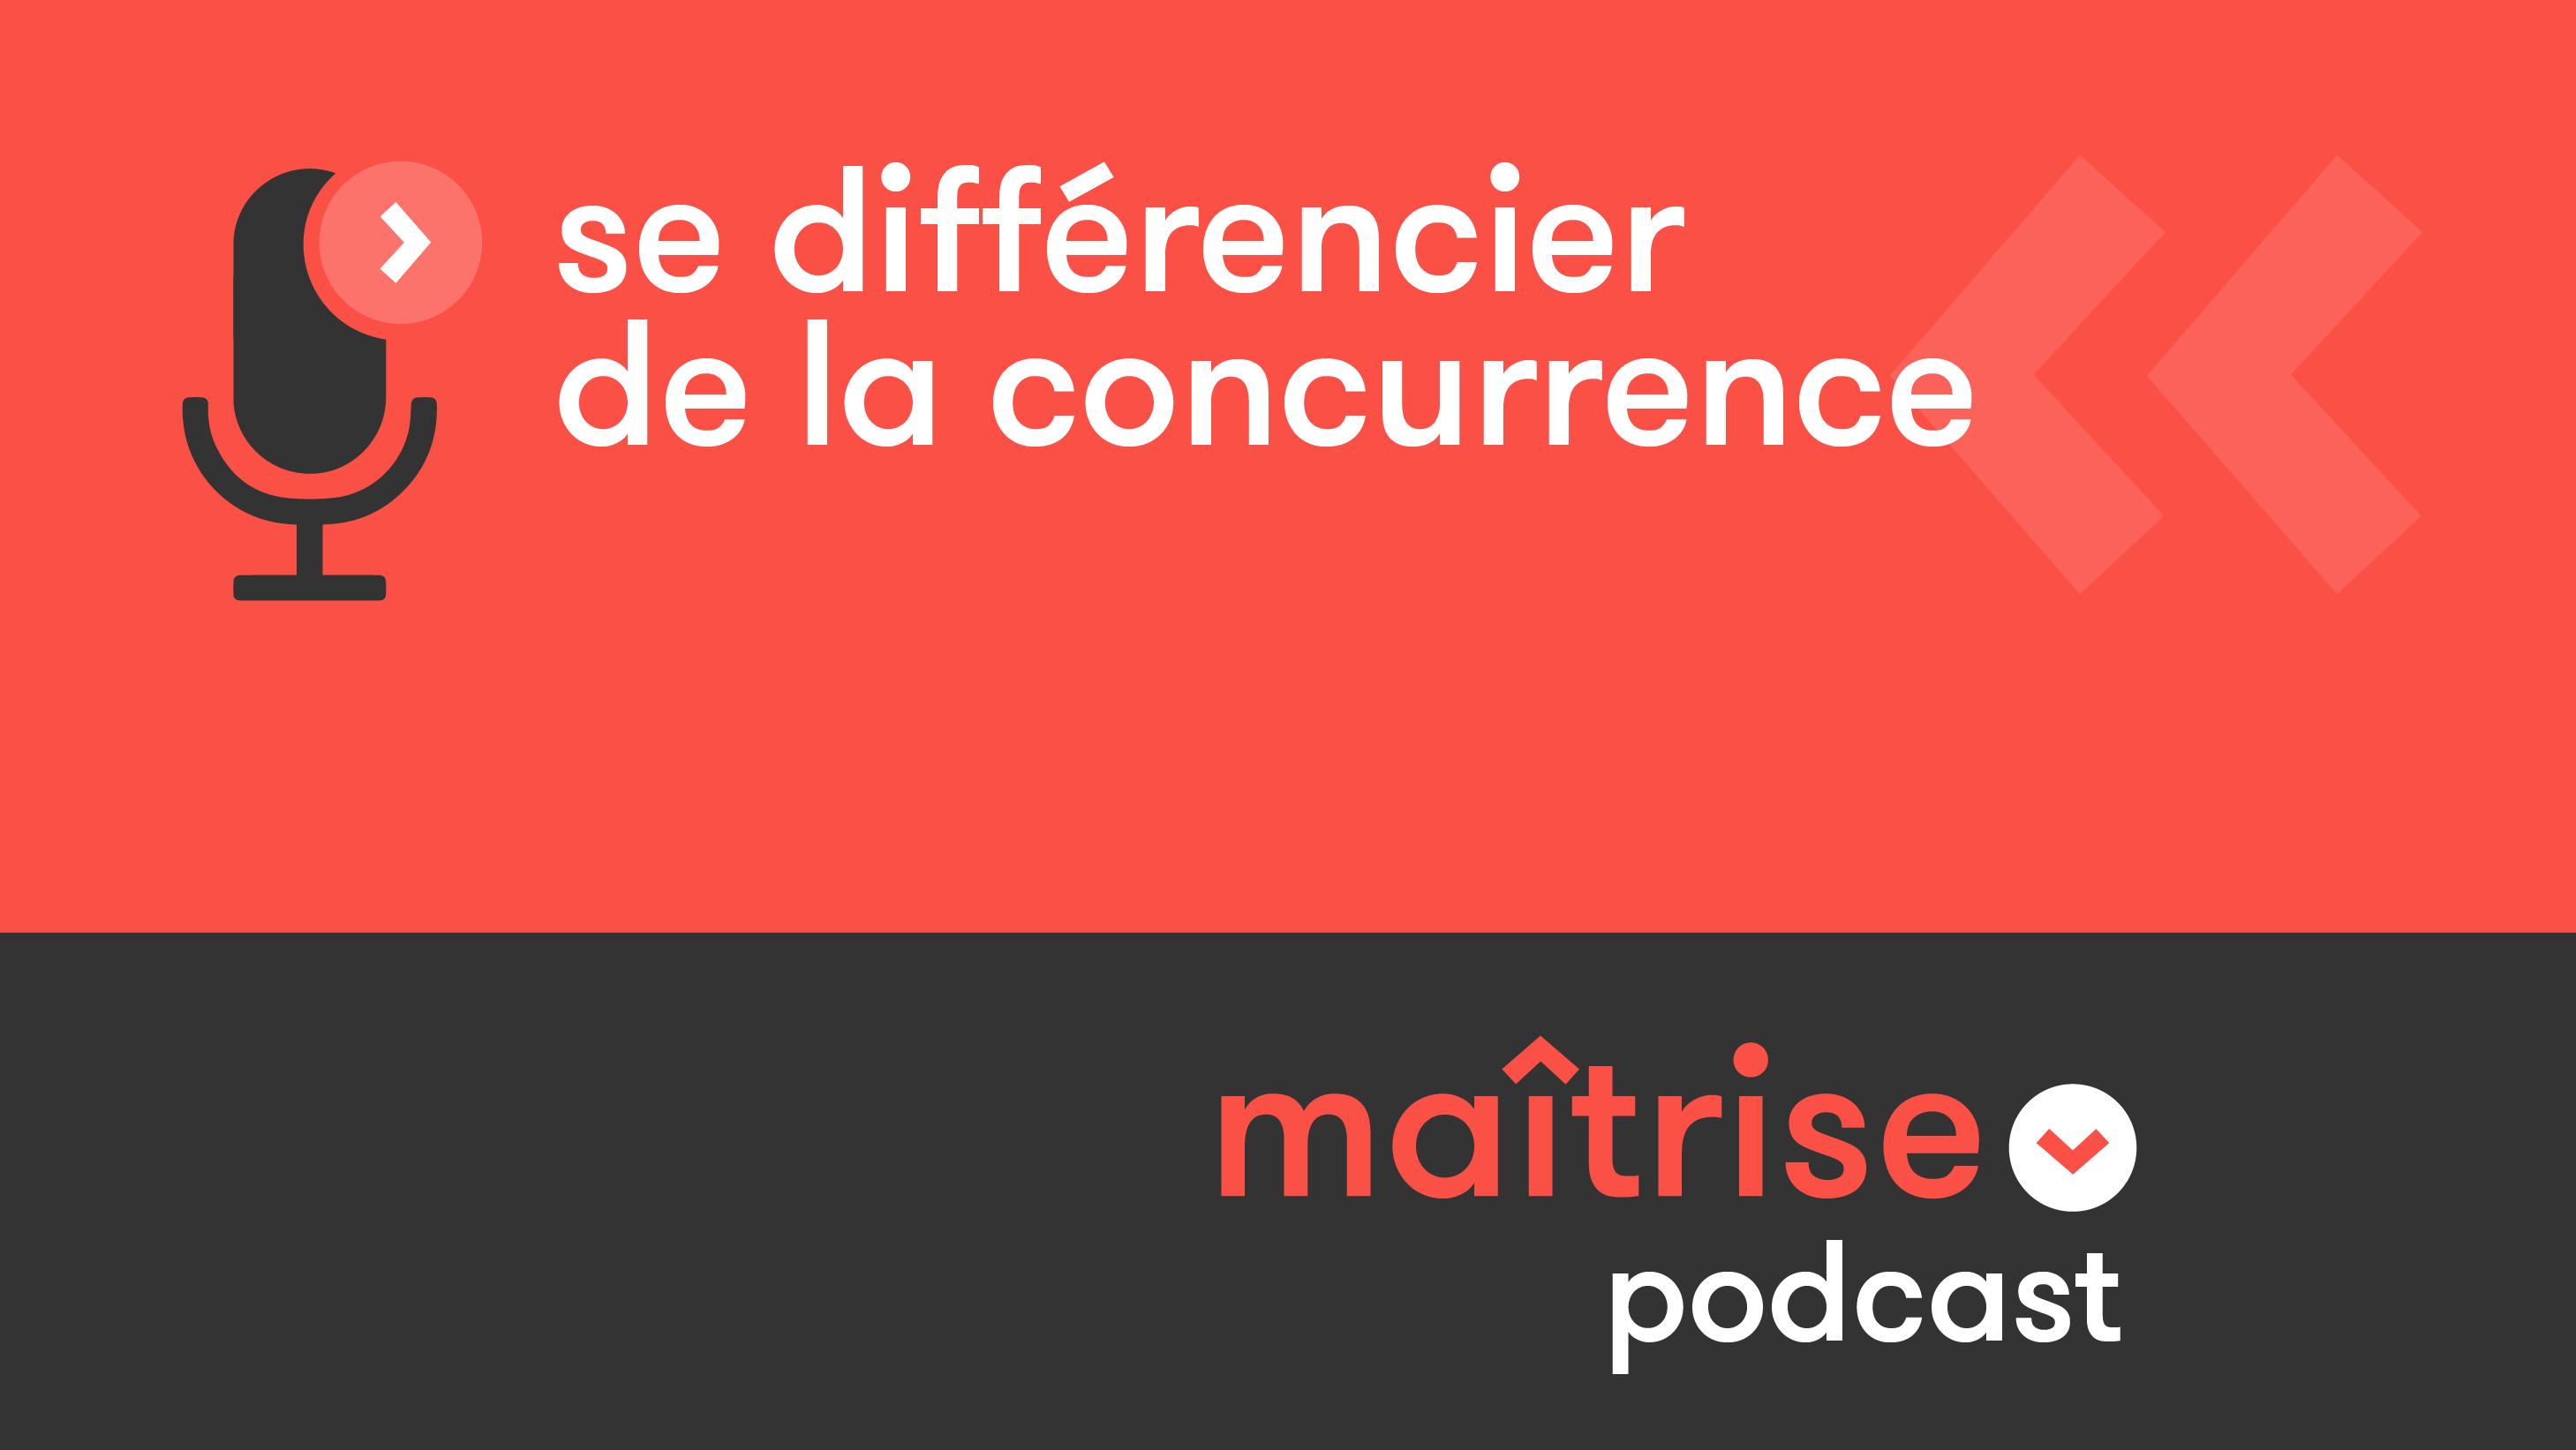 podcast_se-differencier-de-la-concurrence